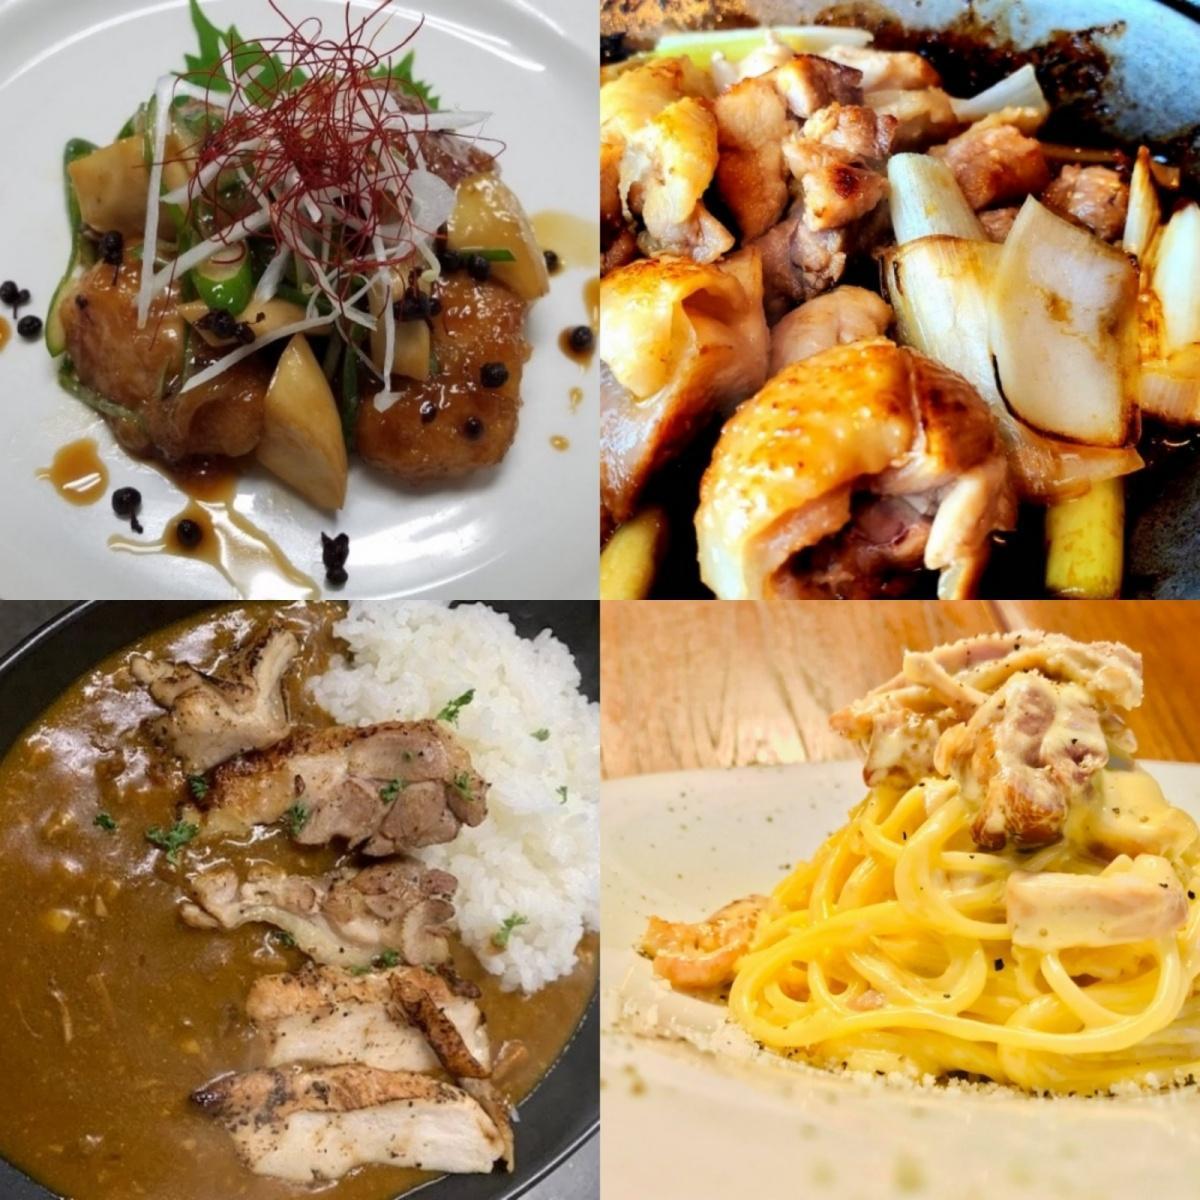 さまざまな業態の飲食店23店が提供する「比内地鶏」特別メニューの一部